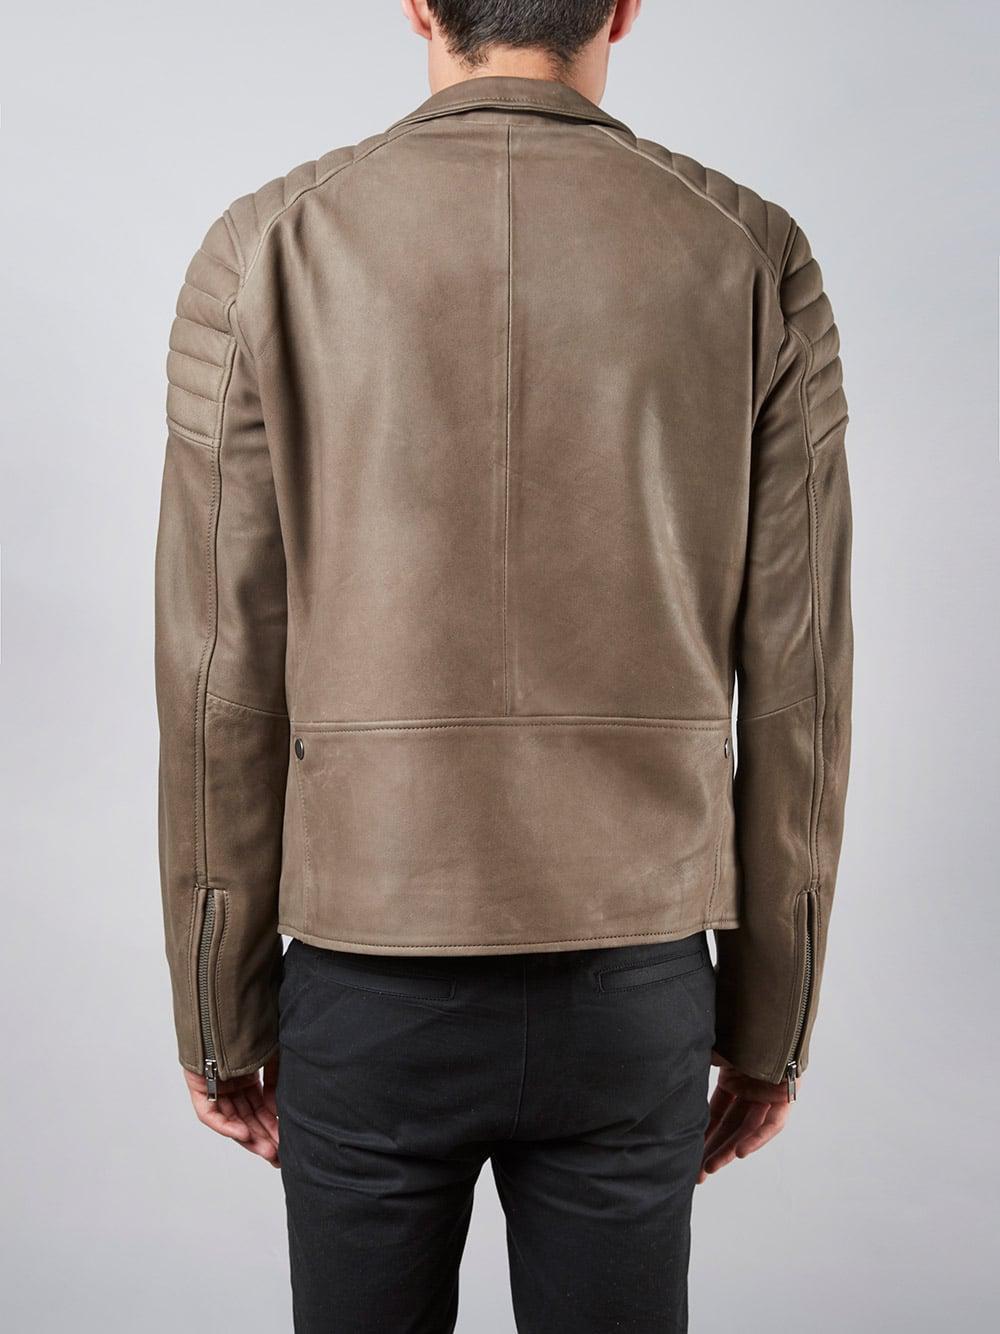 Muubaa Hansa Mink Biker Leather Jacket for Men